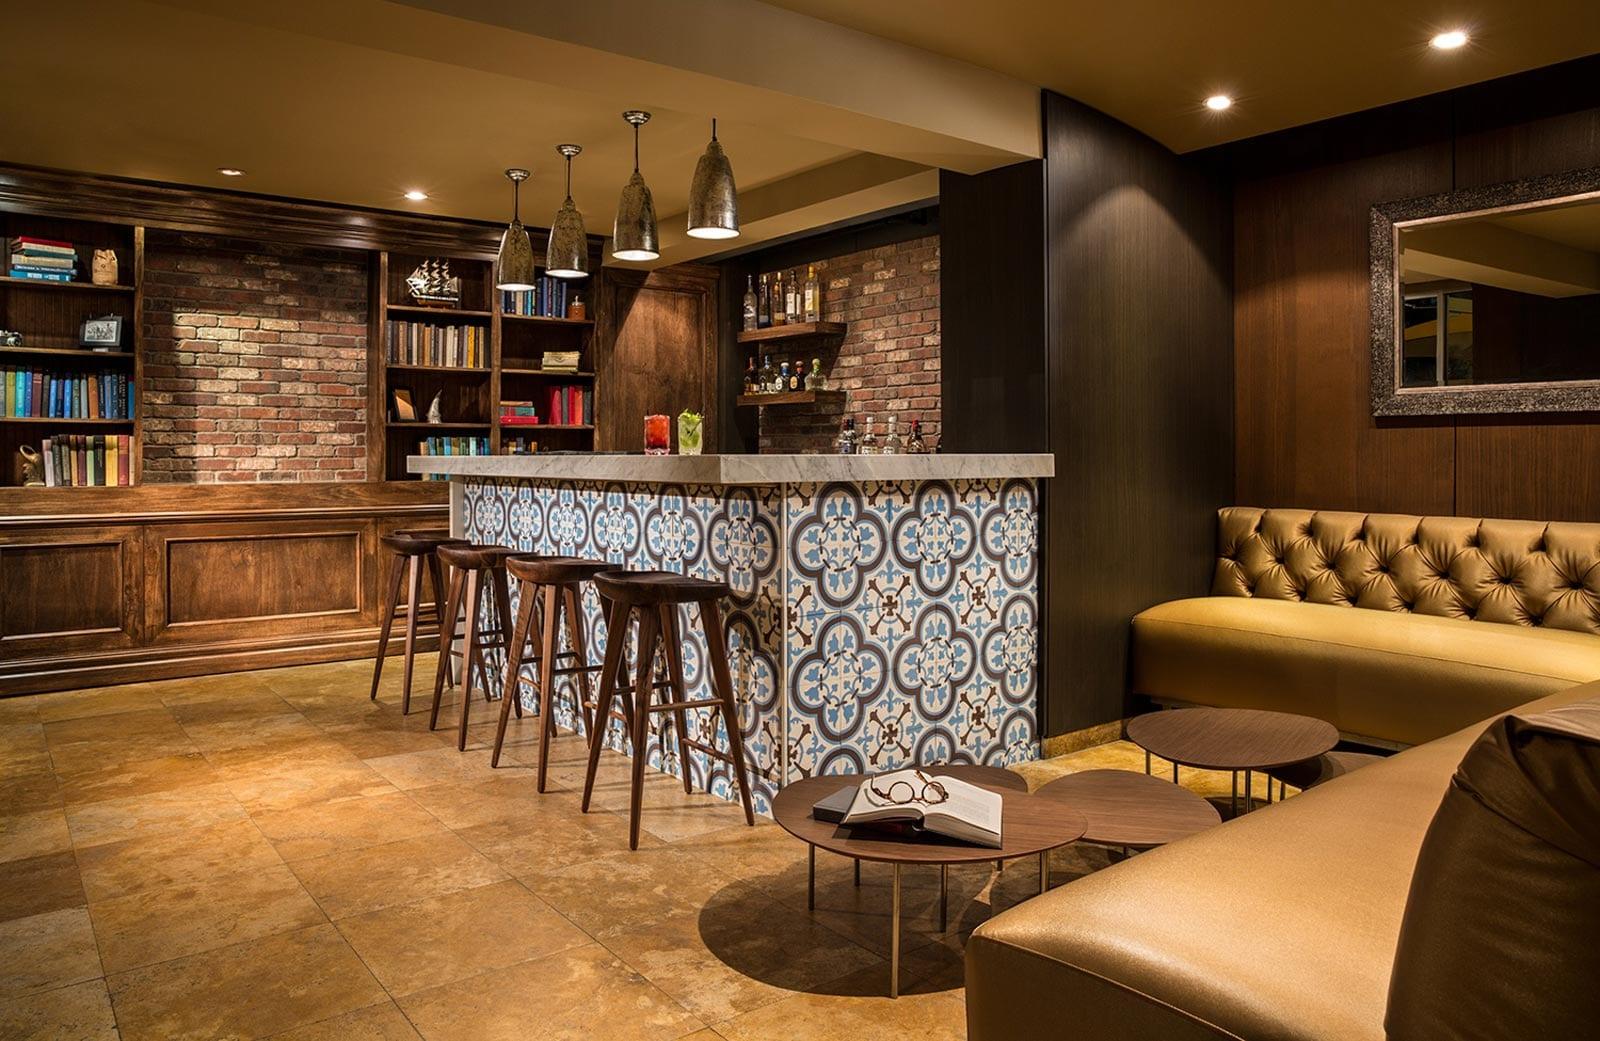 primrose - nightclub design, bar & restaurant designbig time